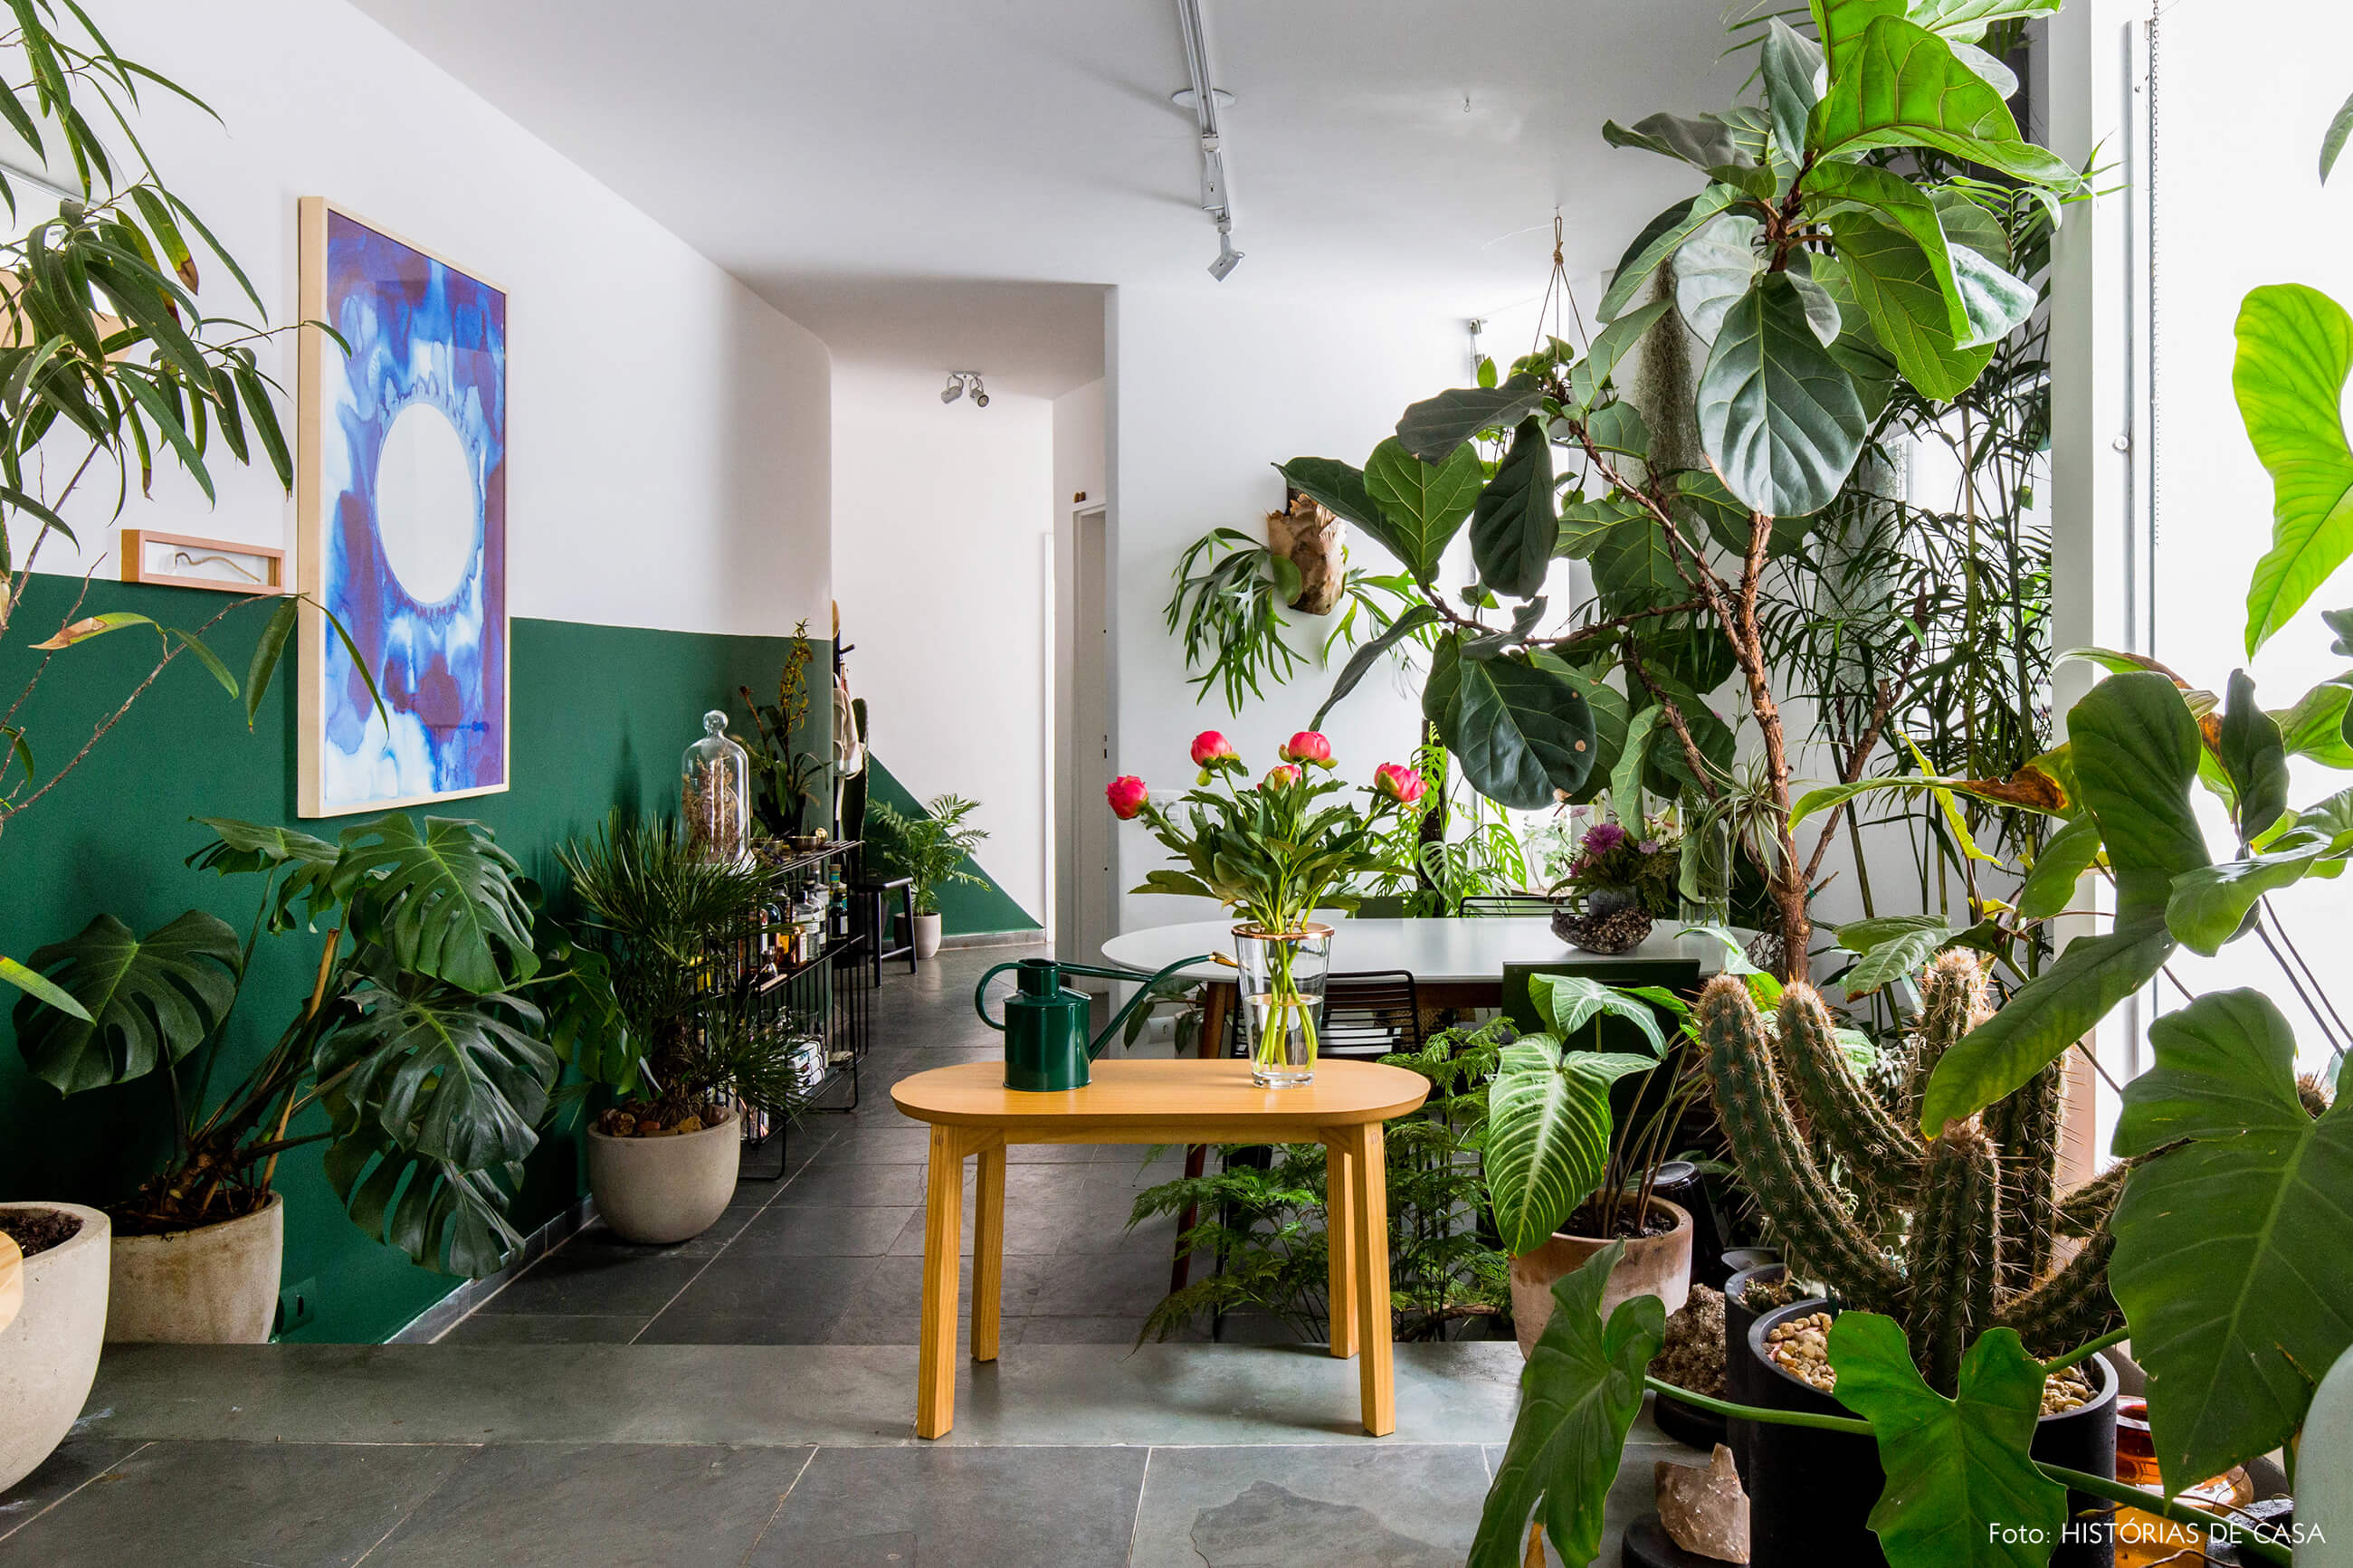 Sala com plantas e paredes pintadas de verde